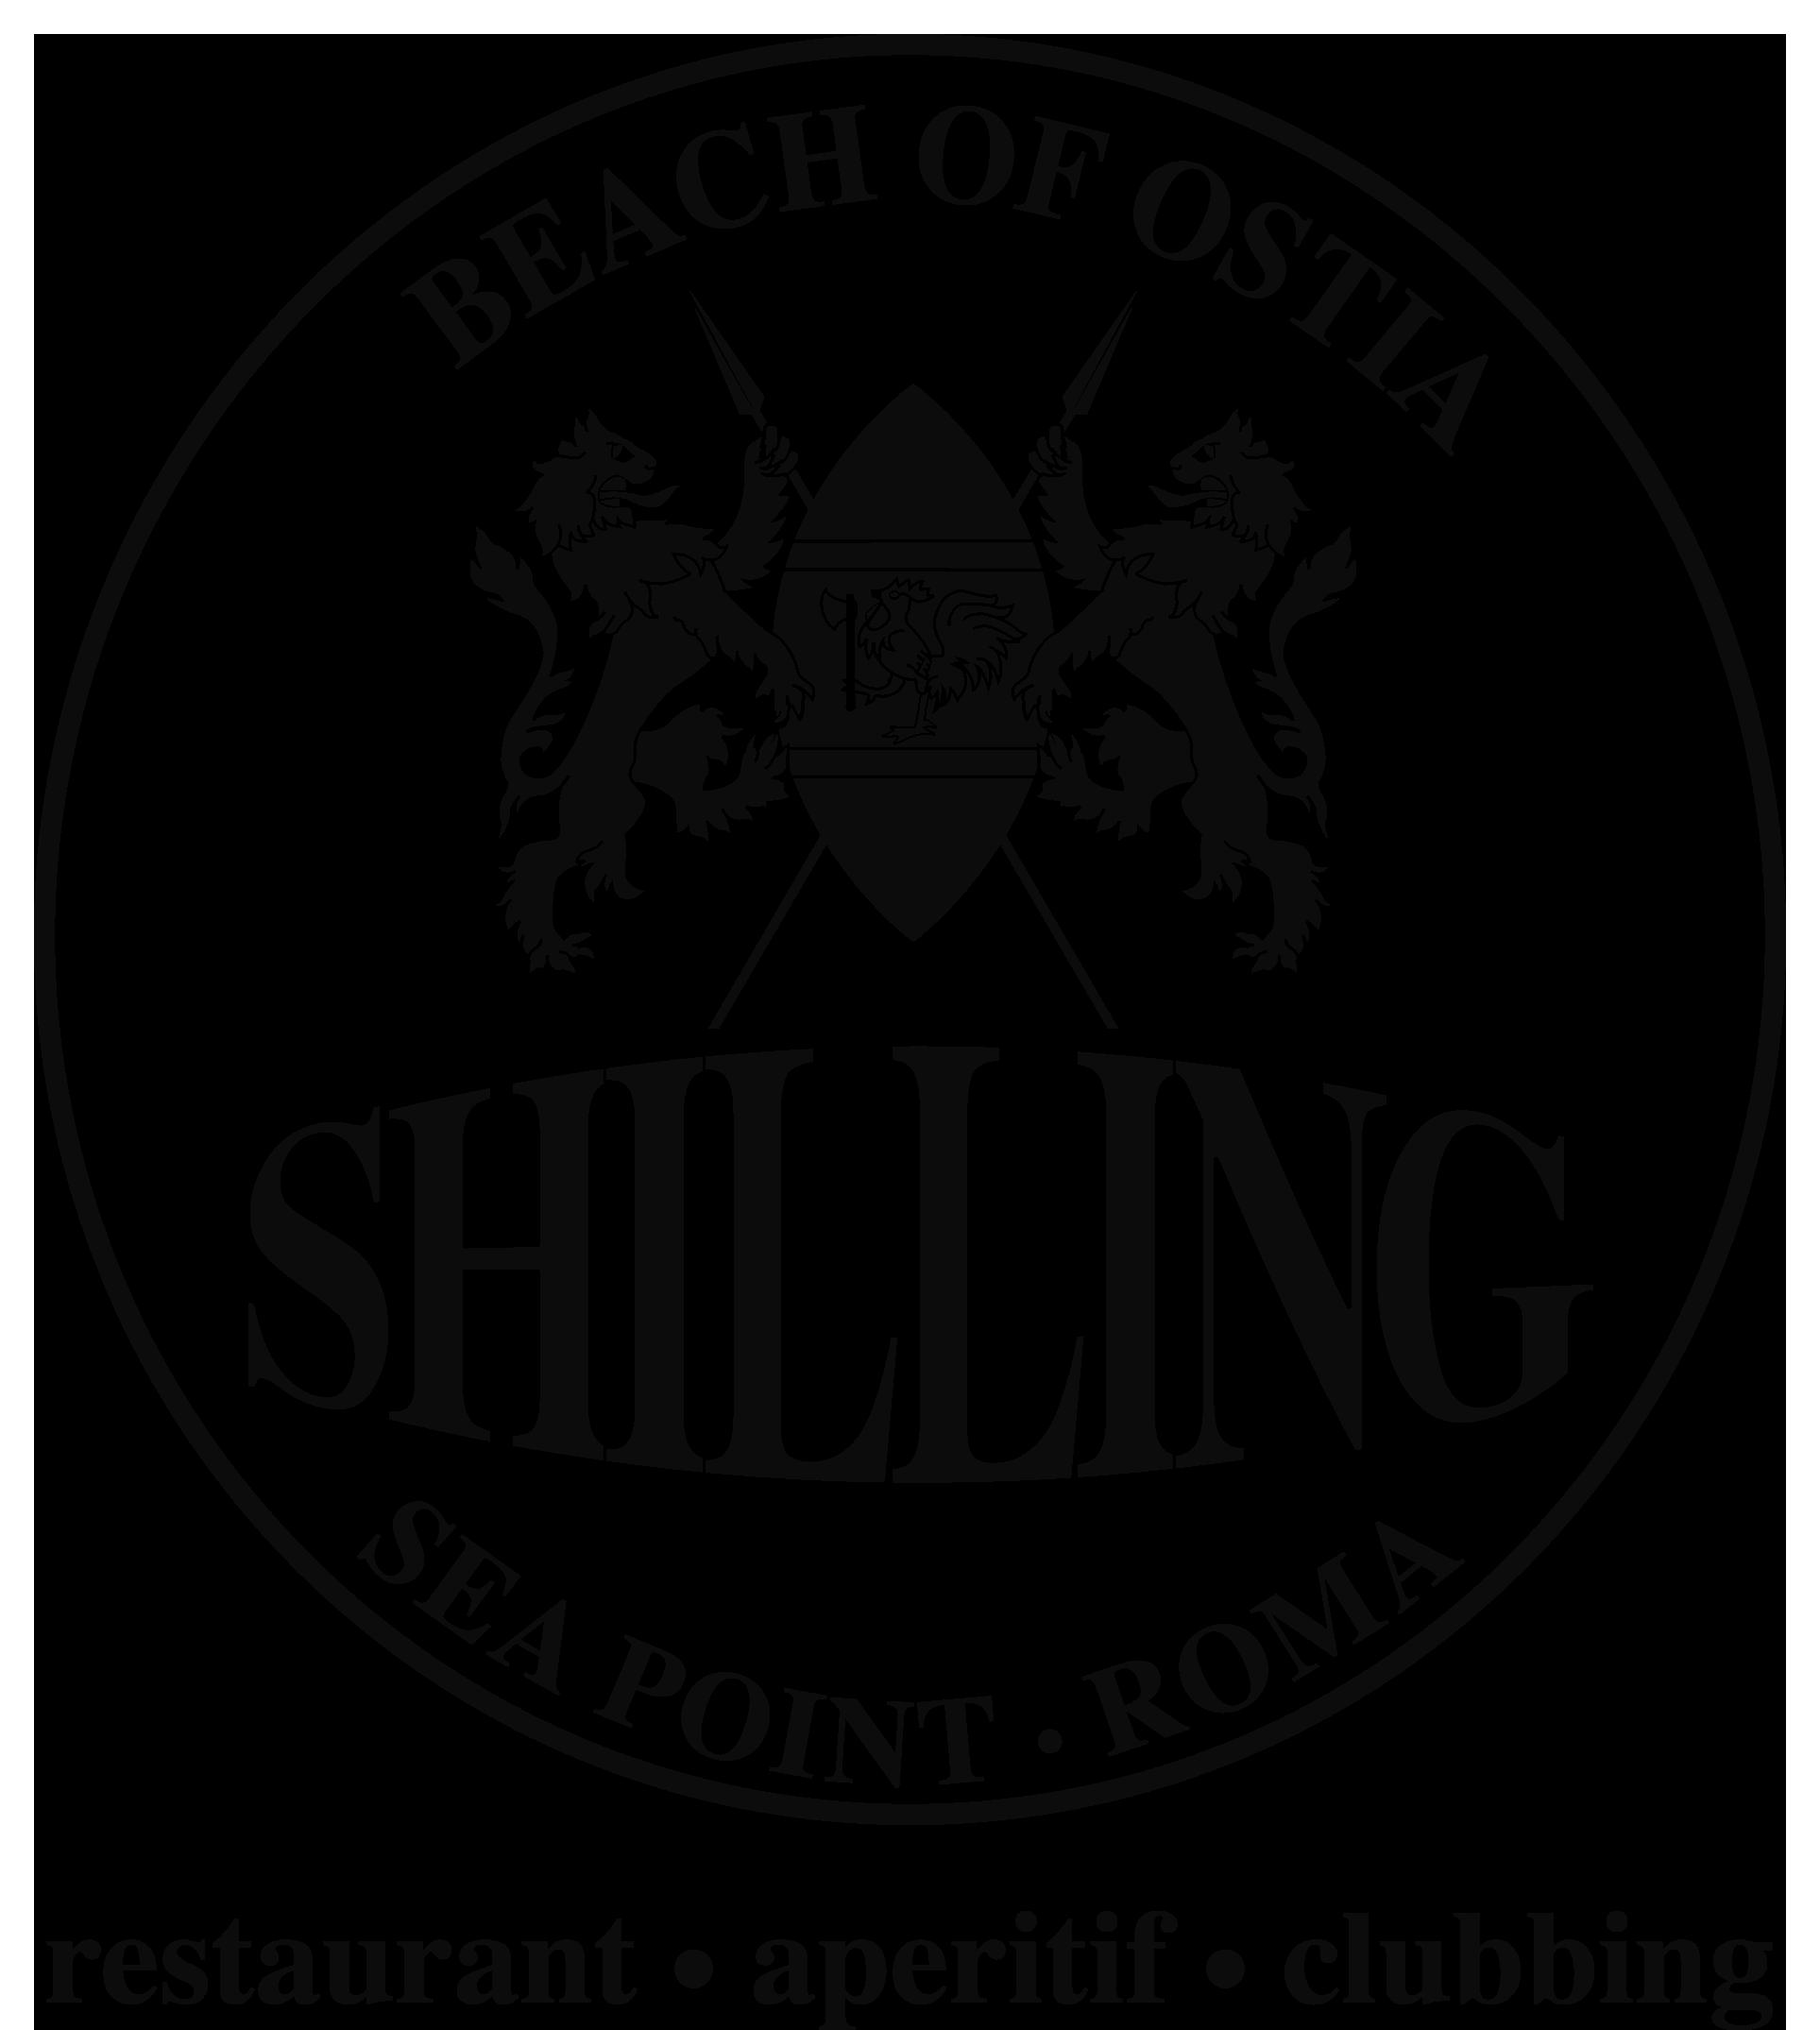 Shilling Club